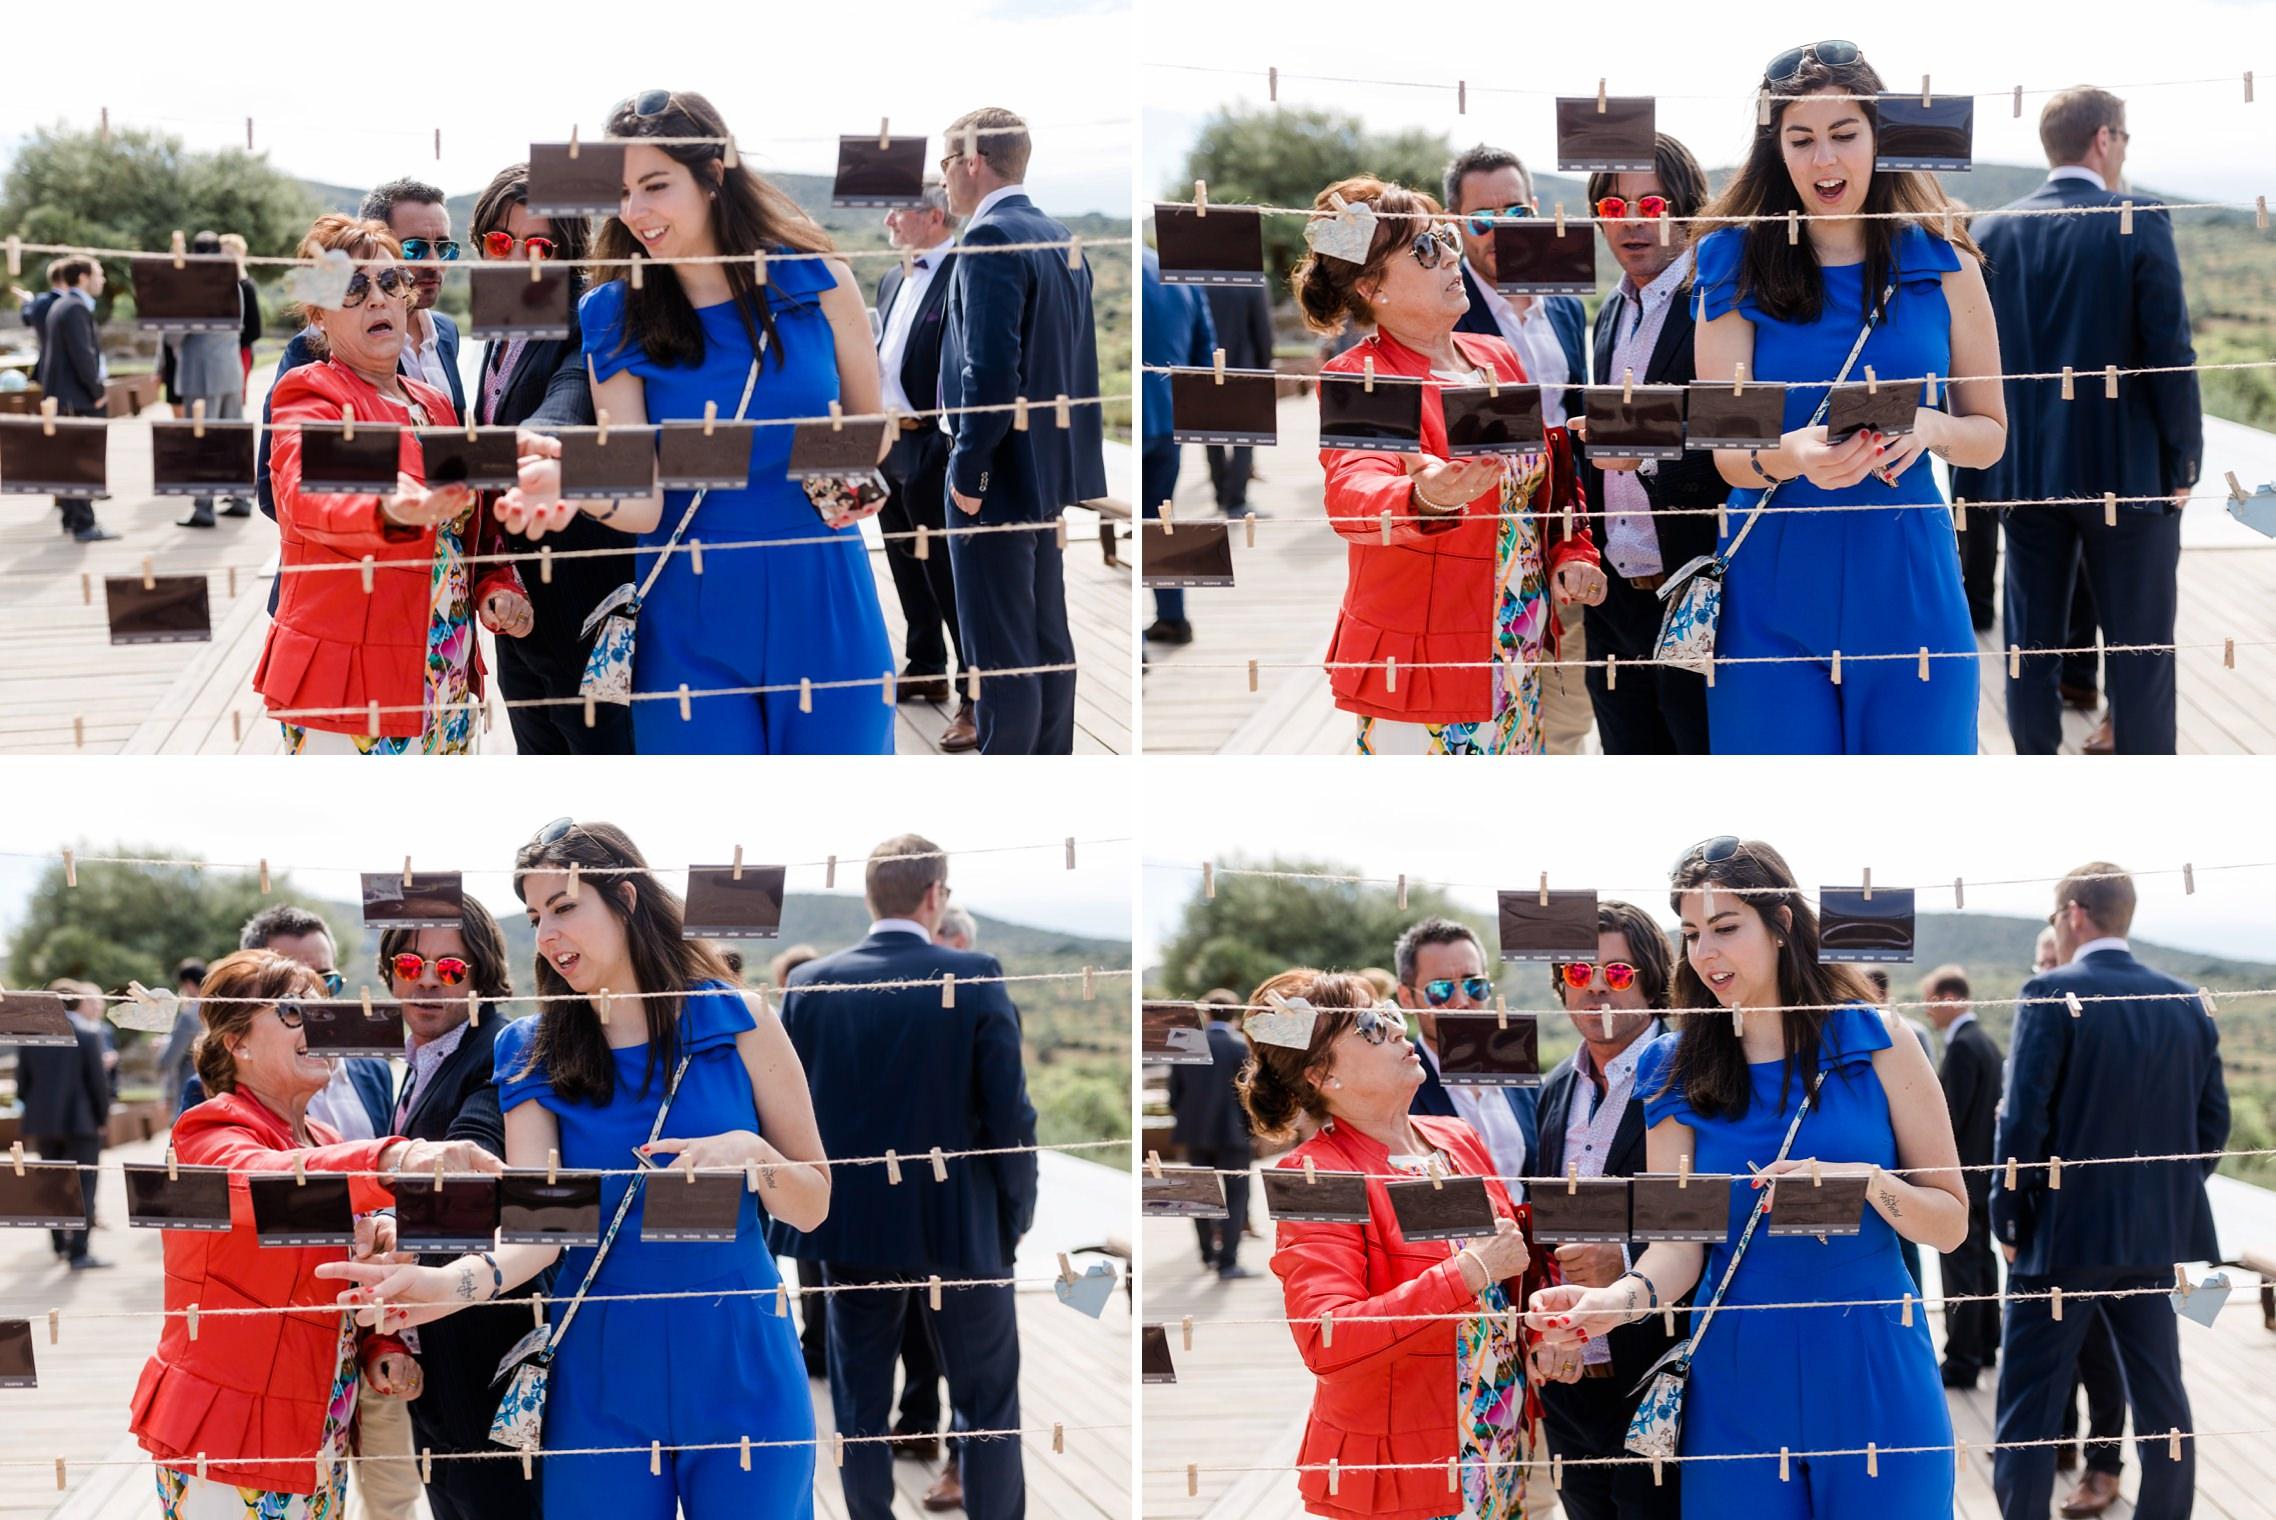 Lustige Bildserie: Gäste diskutieren über den richtigen Platz für ein Polaroid-Foto